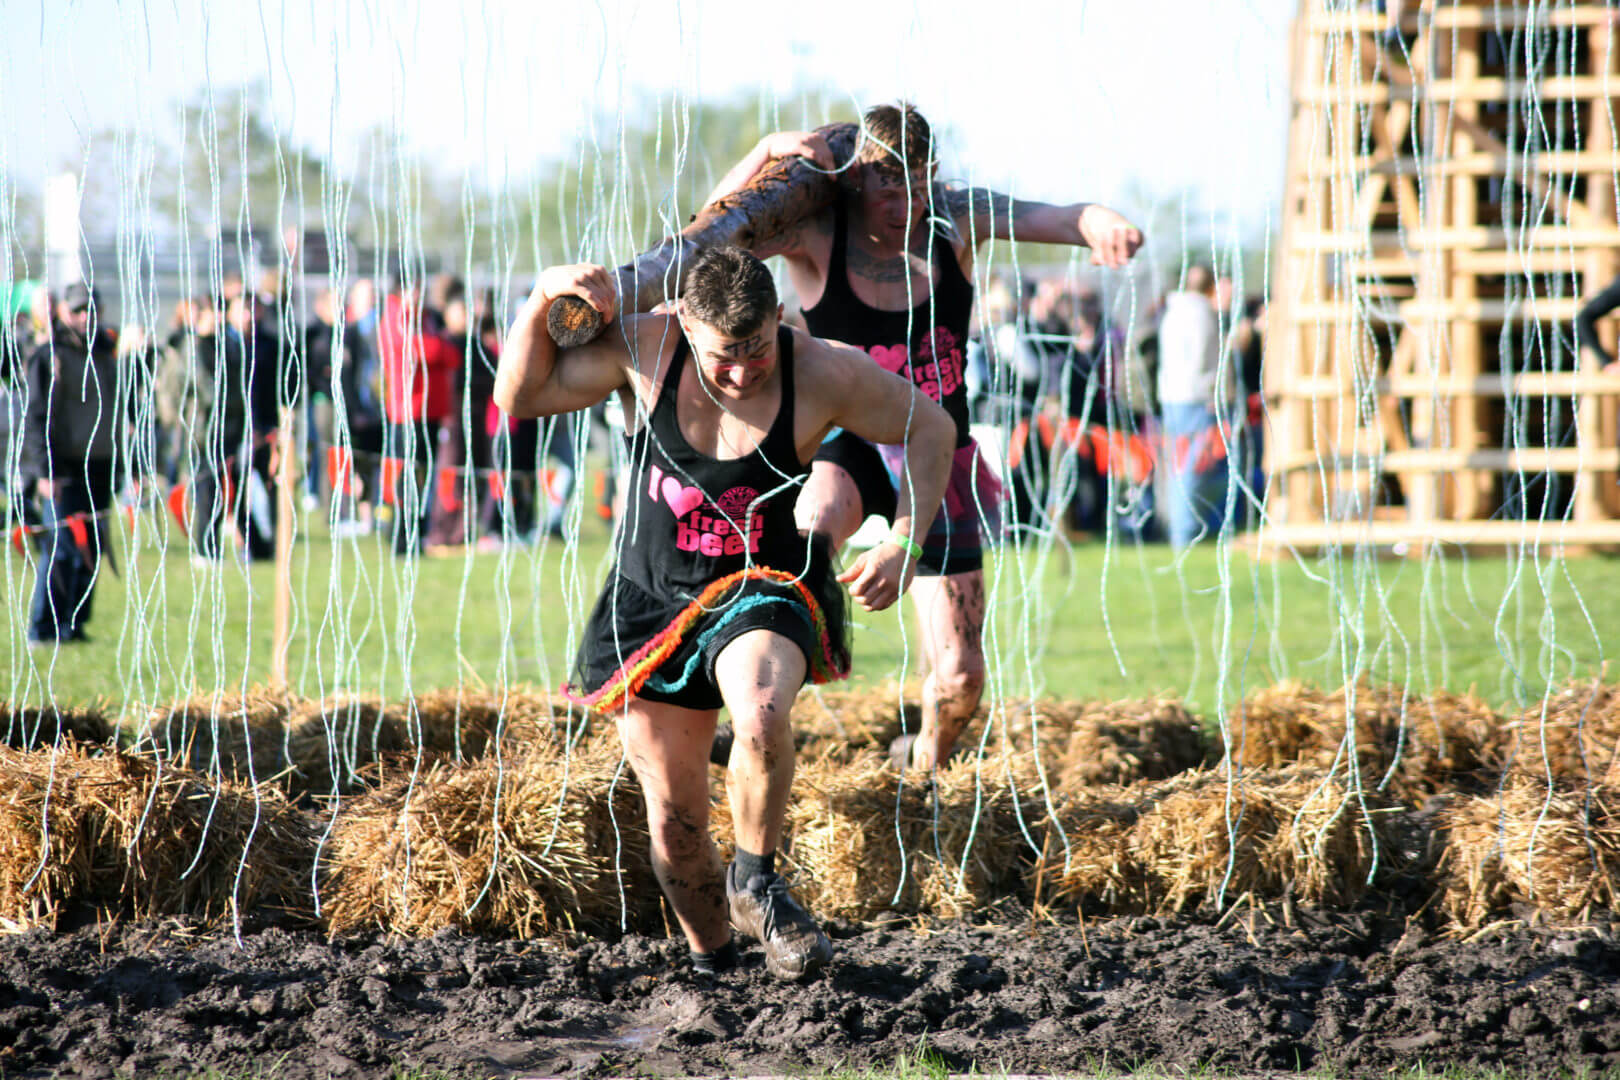 Teilnehmer rennen mit einem Baumstamm